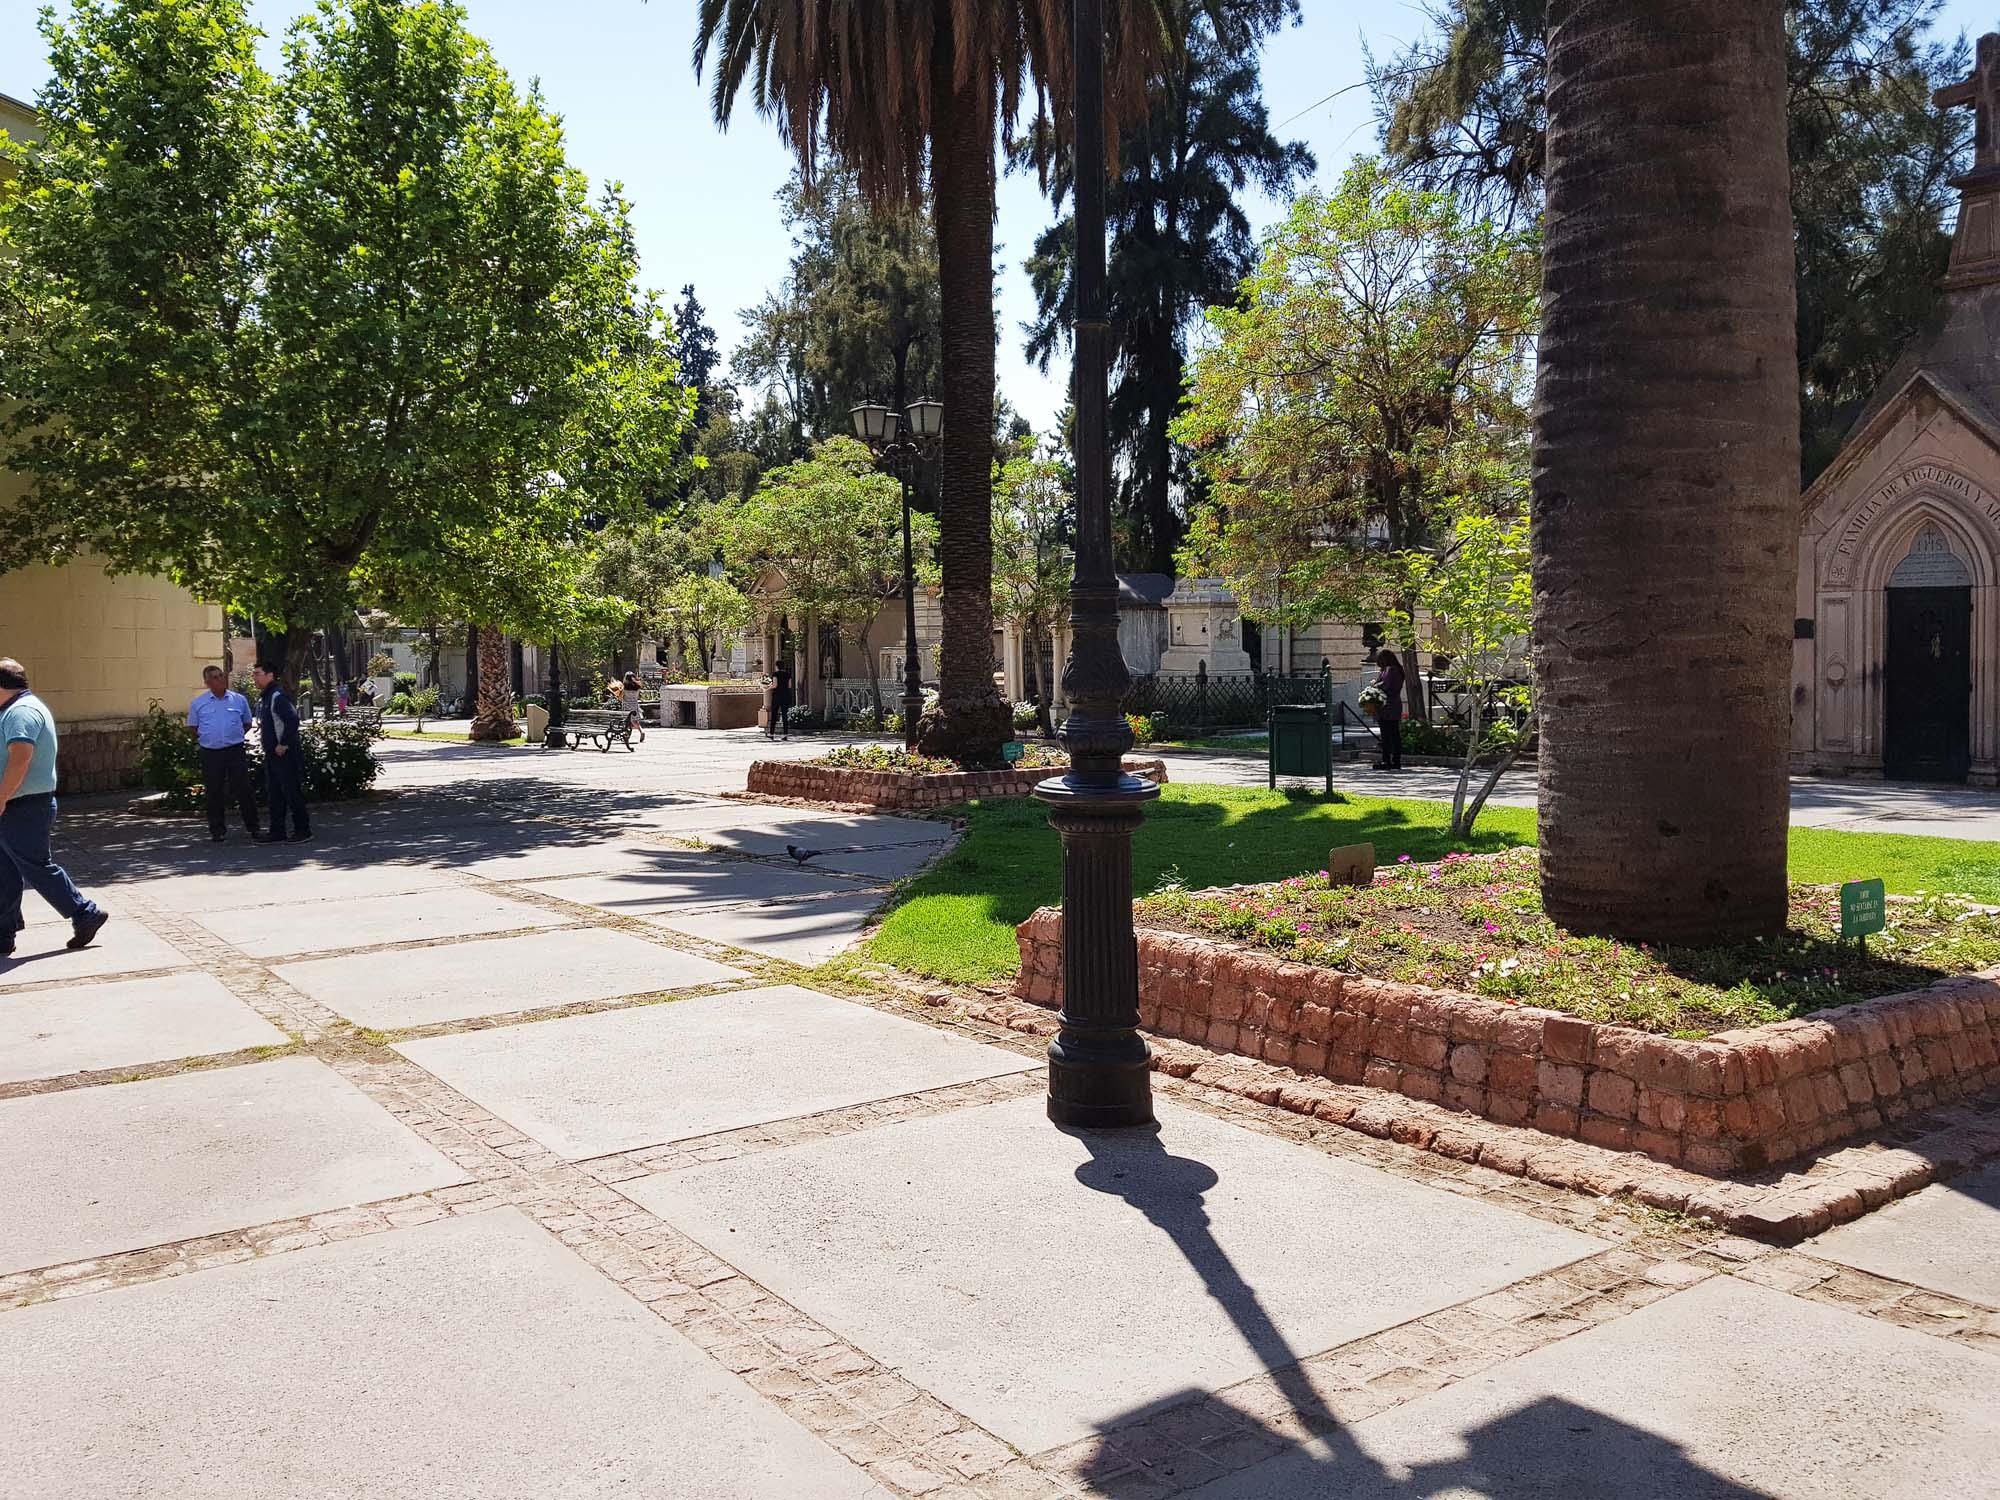 Übergang vom allgemeinen Friedhof in Santiago zum Dissidentenfriedhof, wo Protestanten, Freimaurer, Juden usw. begraben sind